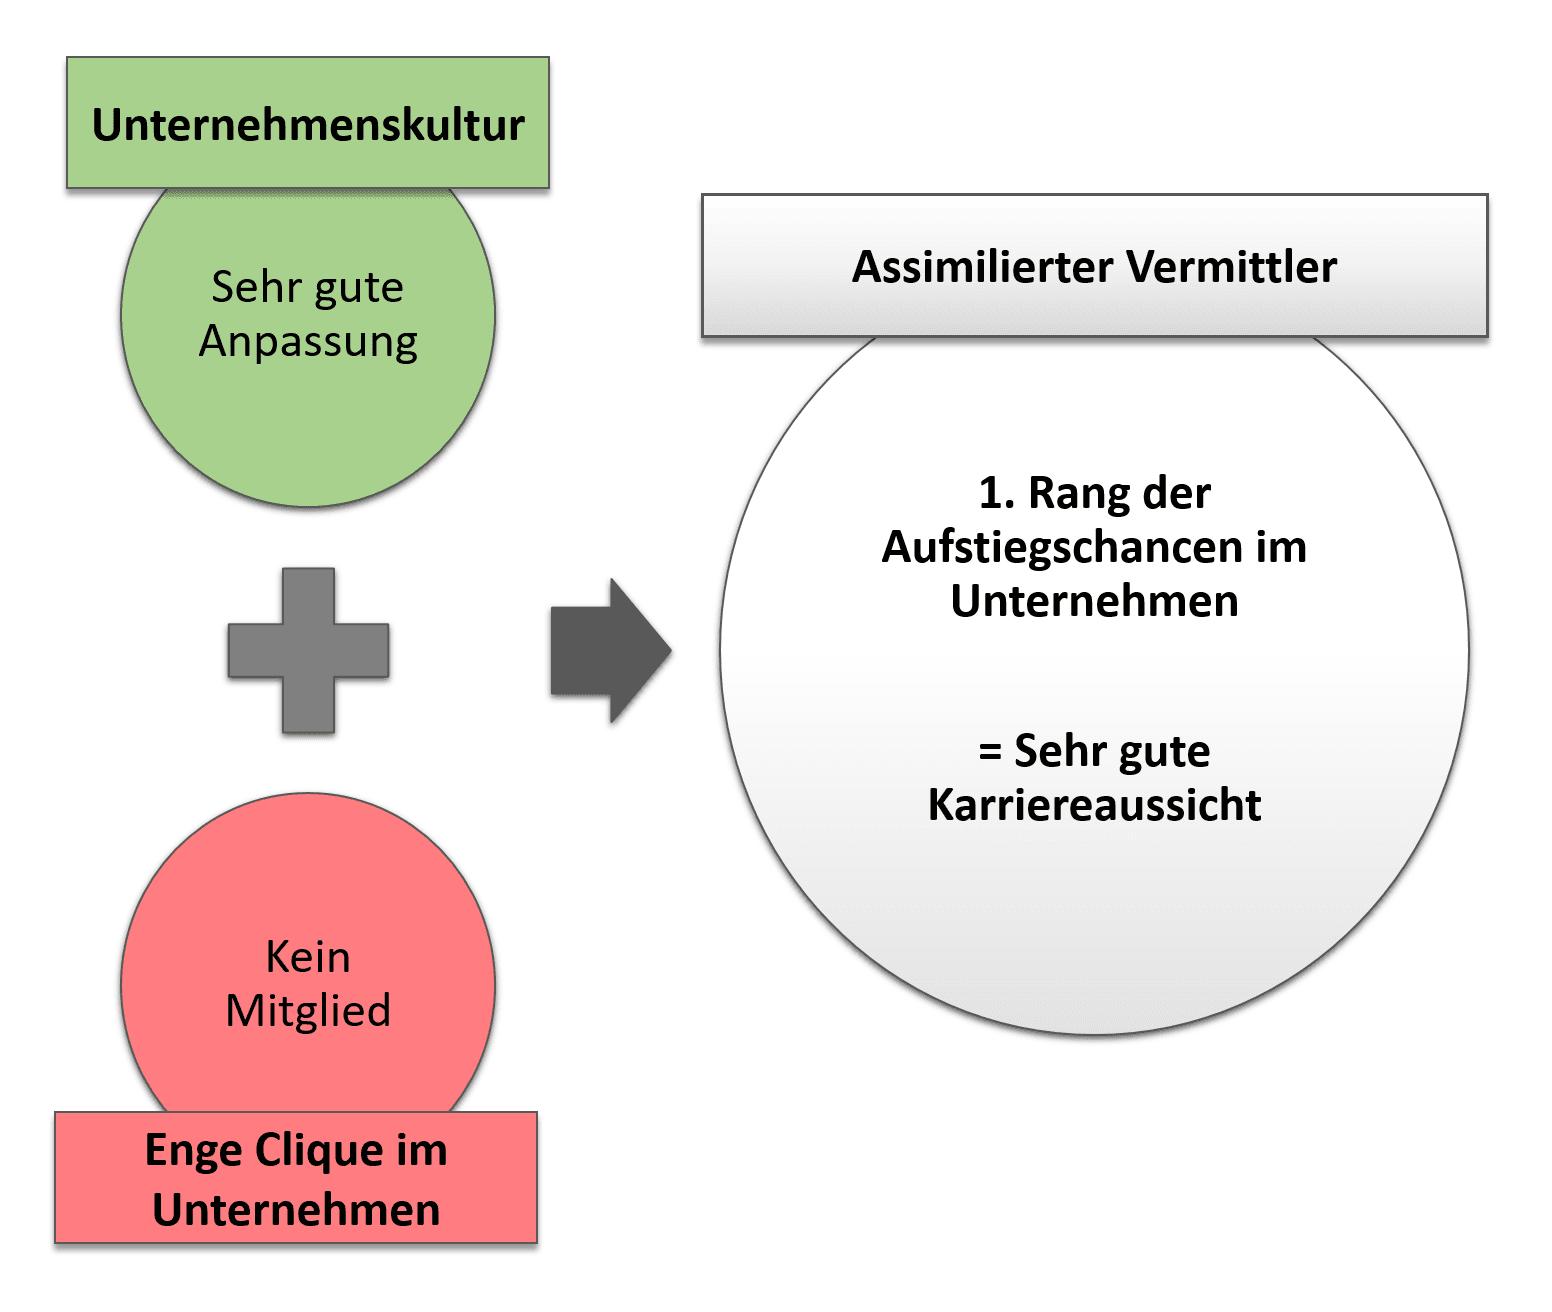 Assimilierter Vermittler - Merkmale